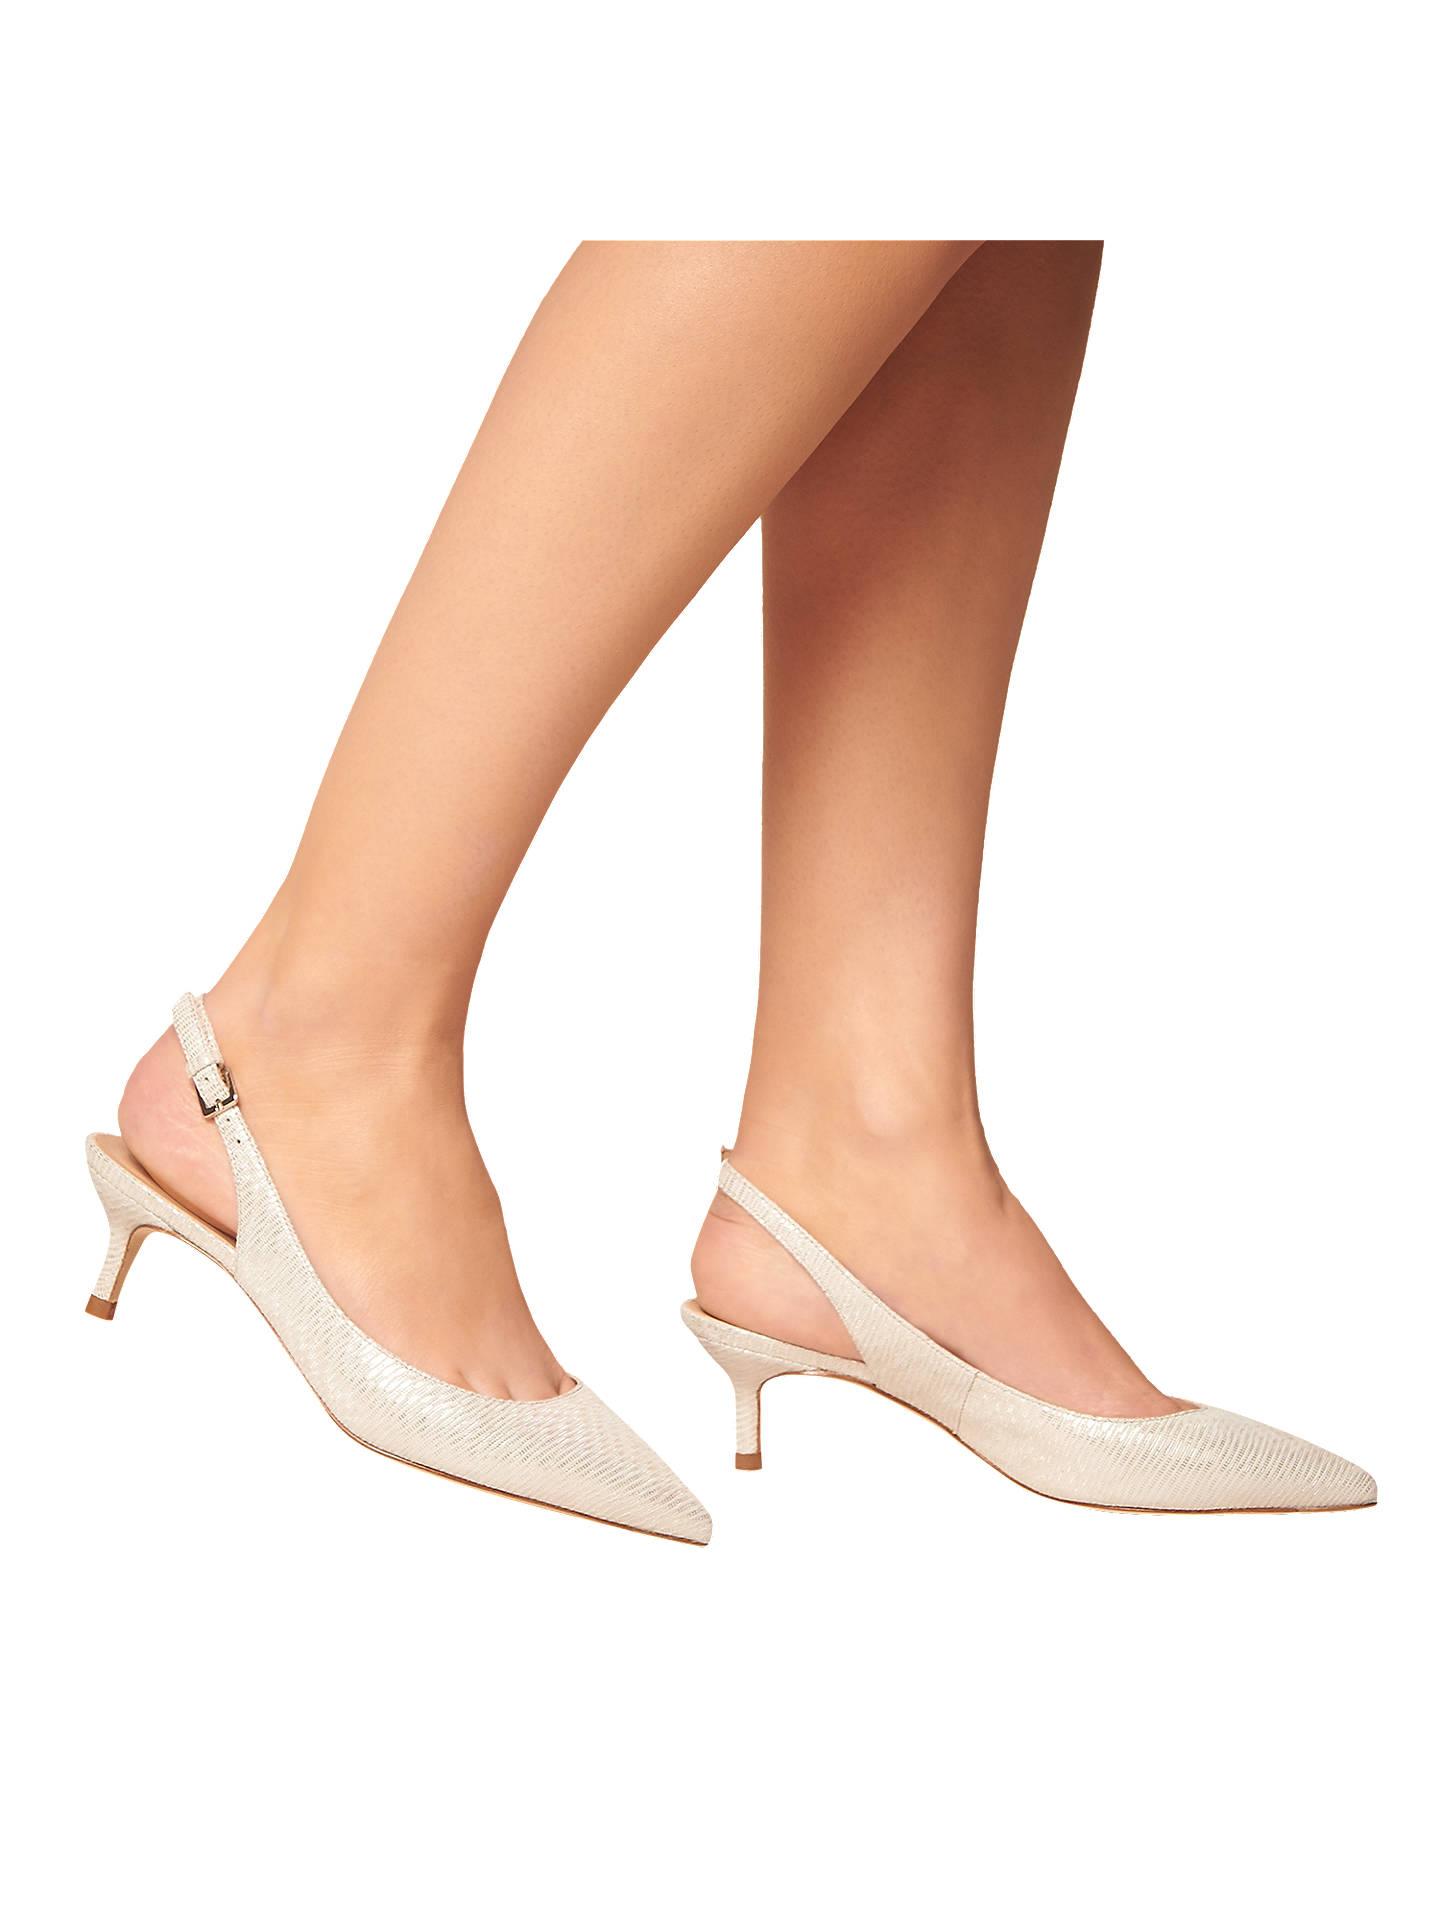 e9d09783bfb ... Buy L.K. Bennett Ava Slingback Court Shoes